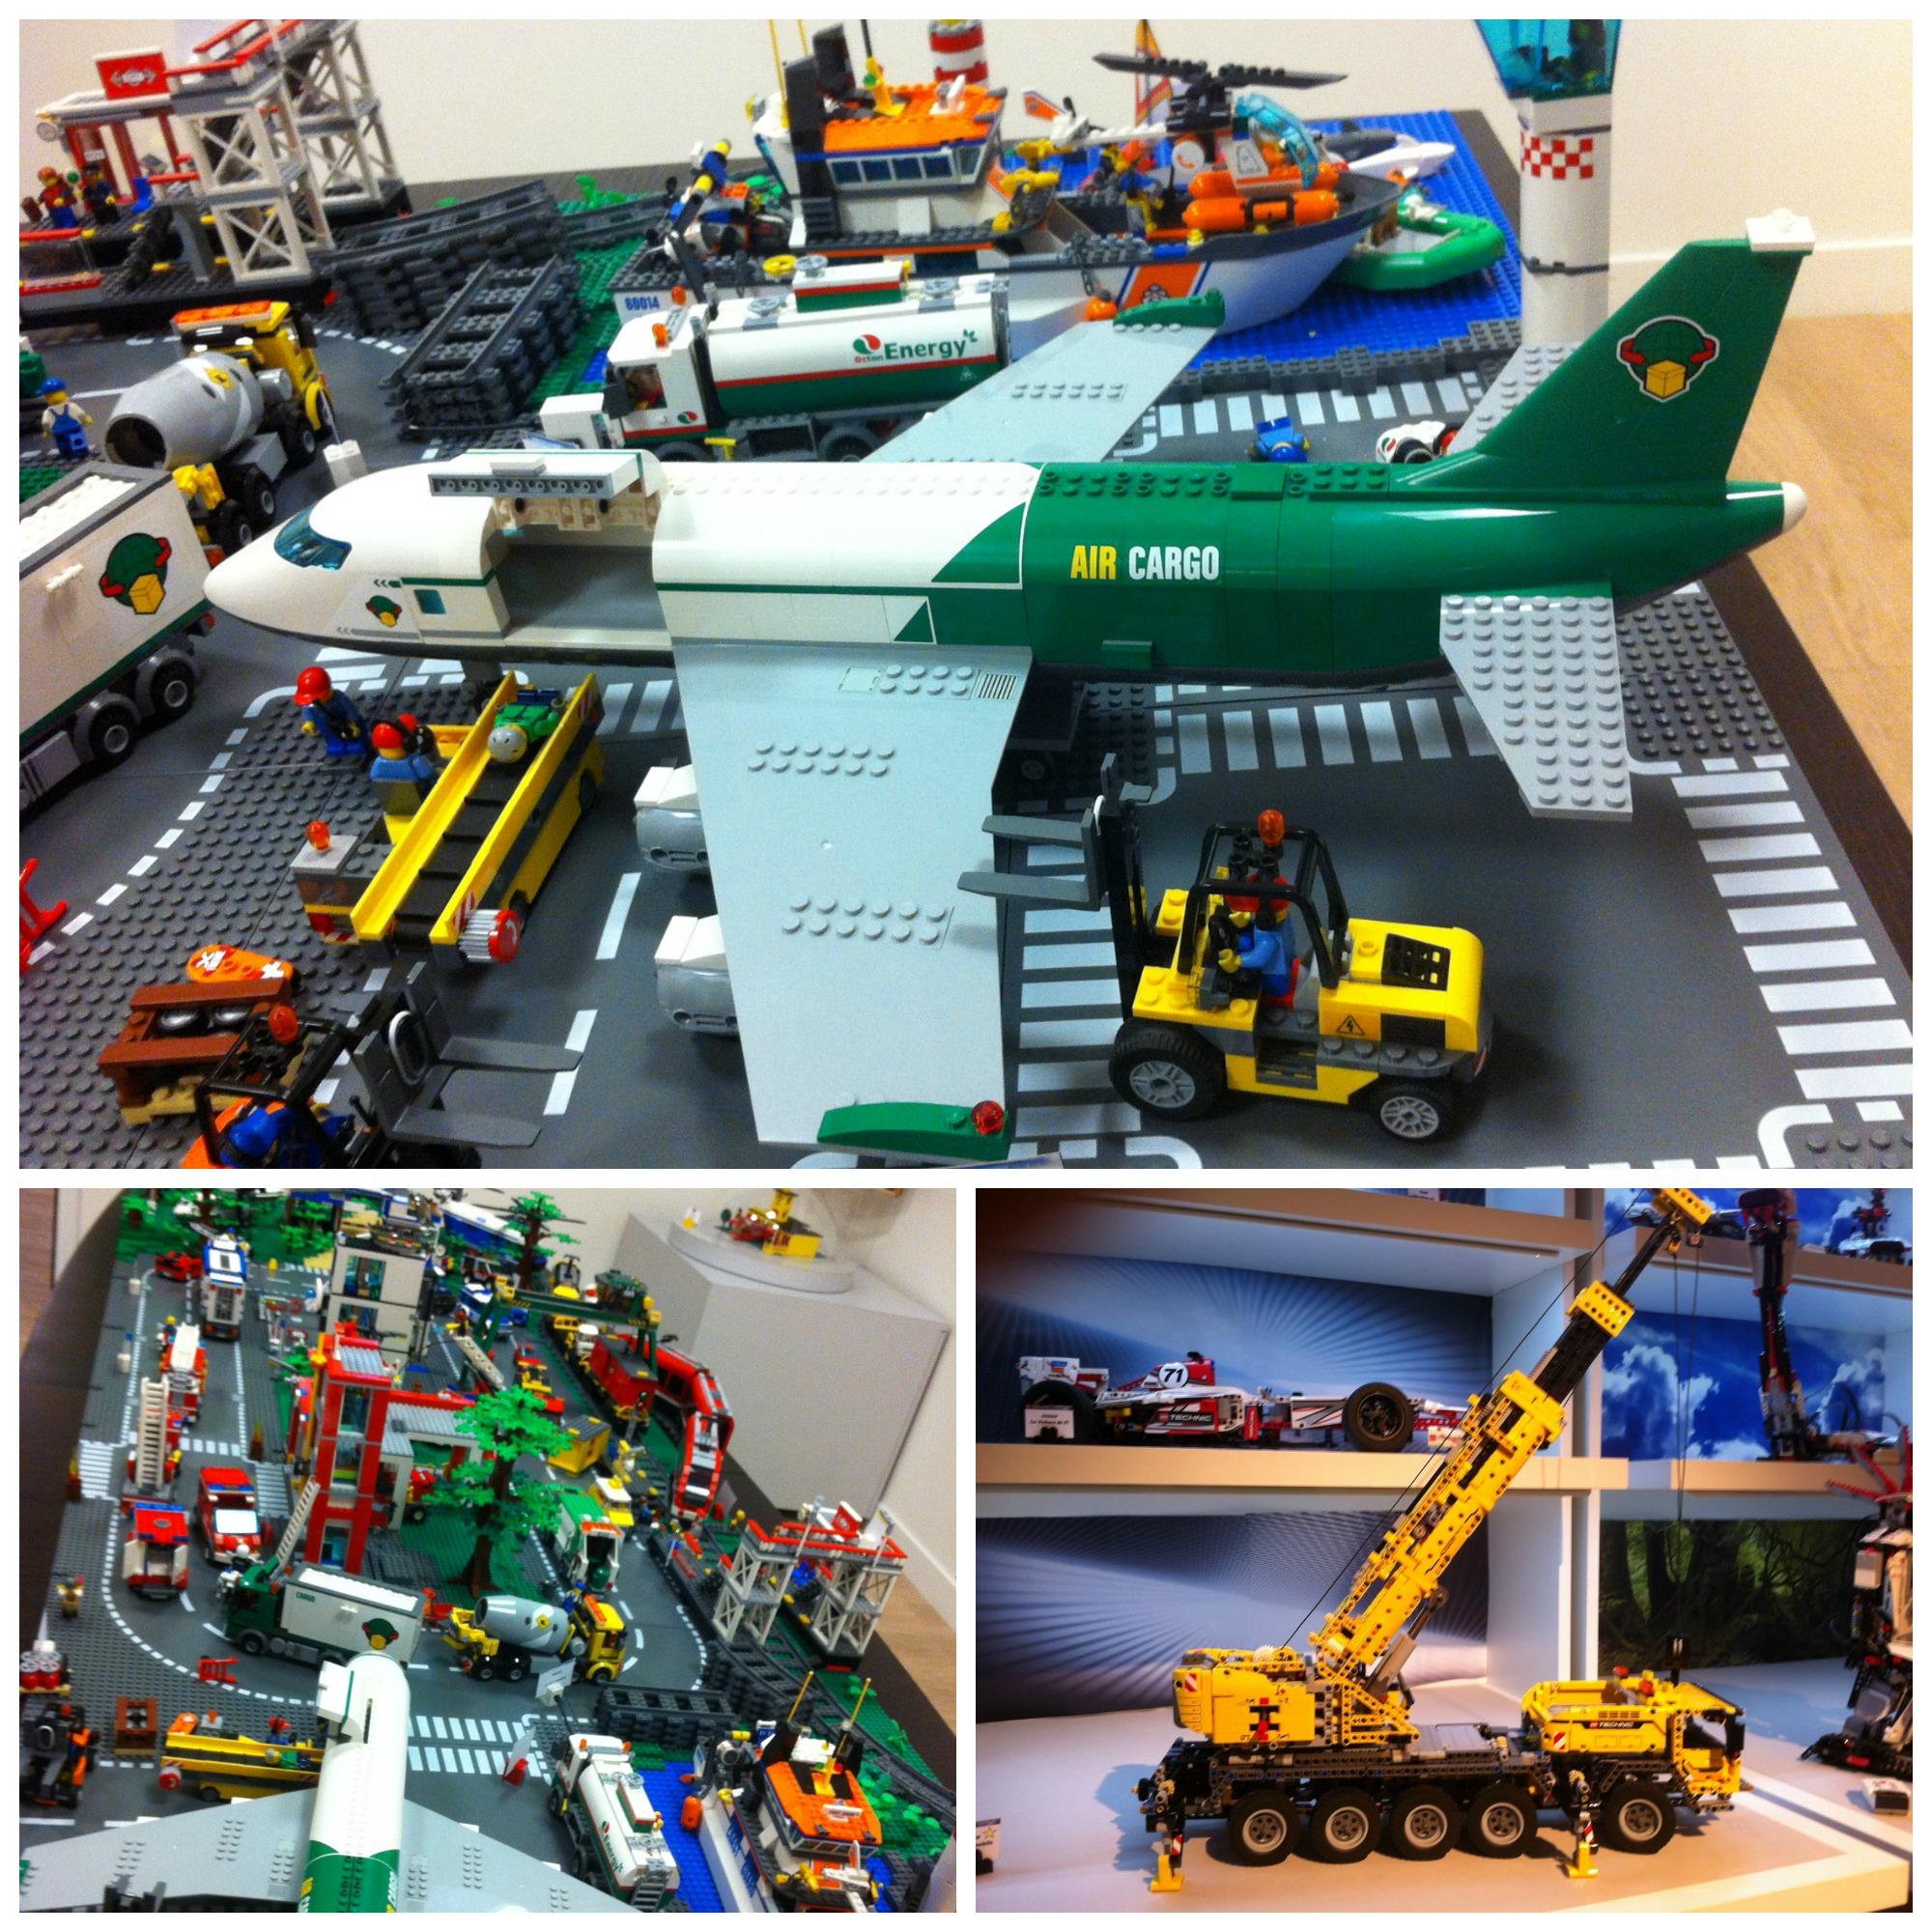 Lego : Les Nouveauté De Noël 2013 | Expressions D'Enfants tout Ecole Lego Friends